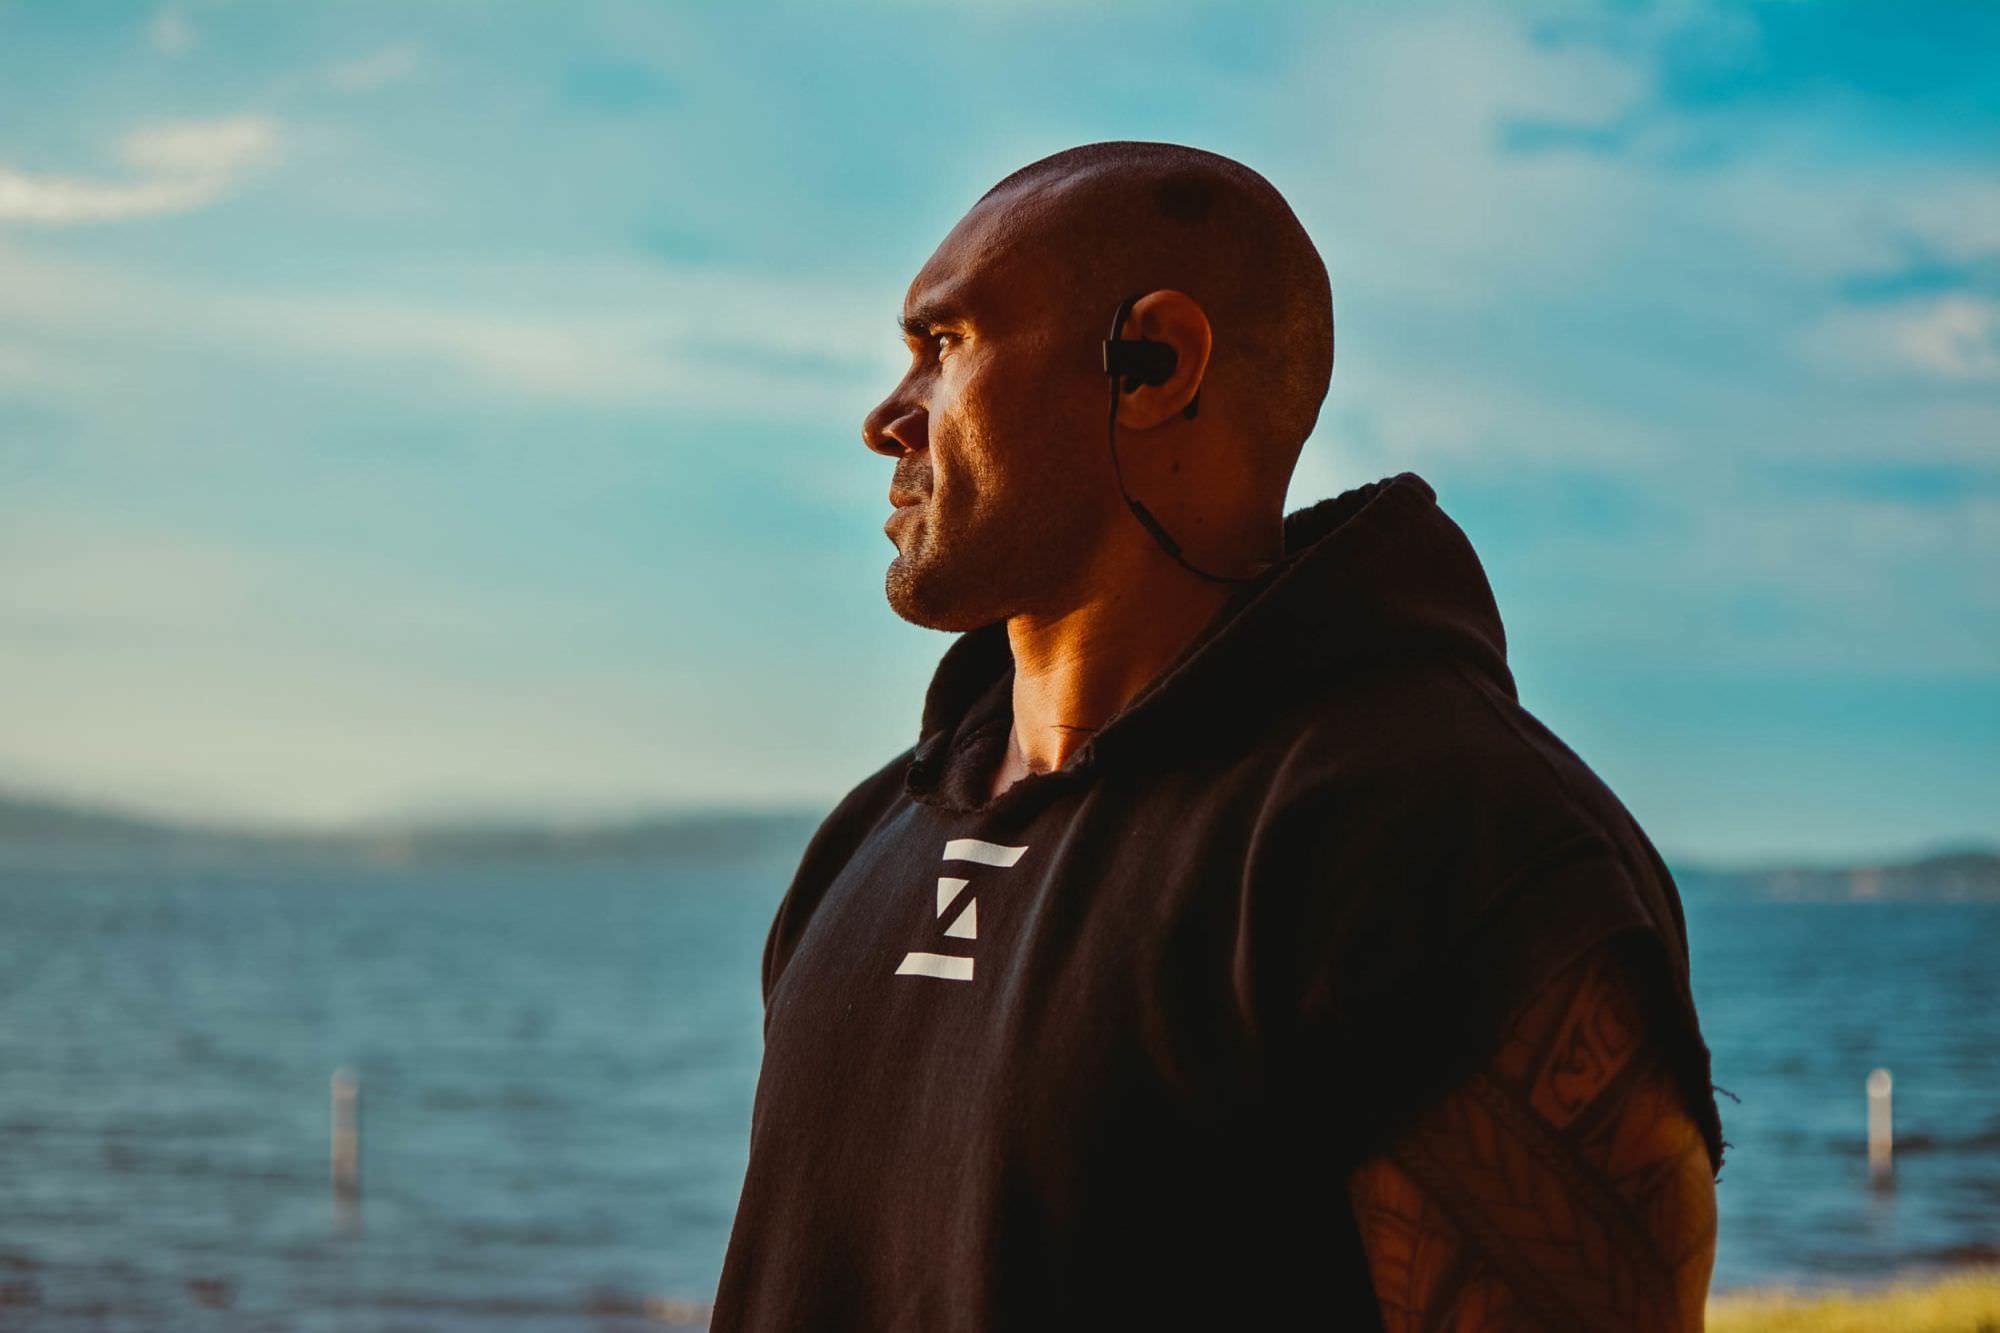 Ex-estrela da NFL Lofa Tatupu lança novo produto: 'CBD mudou completamente minha vida'